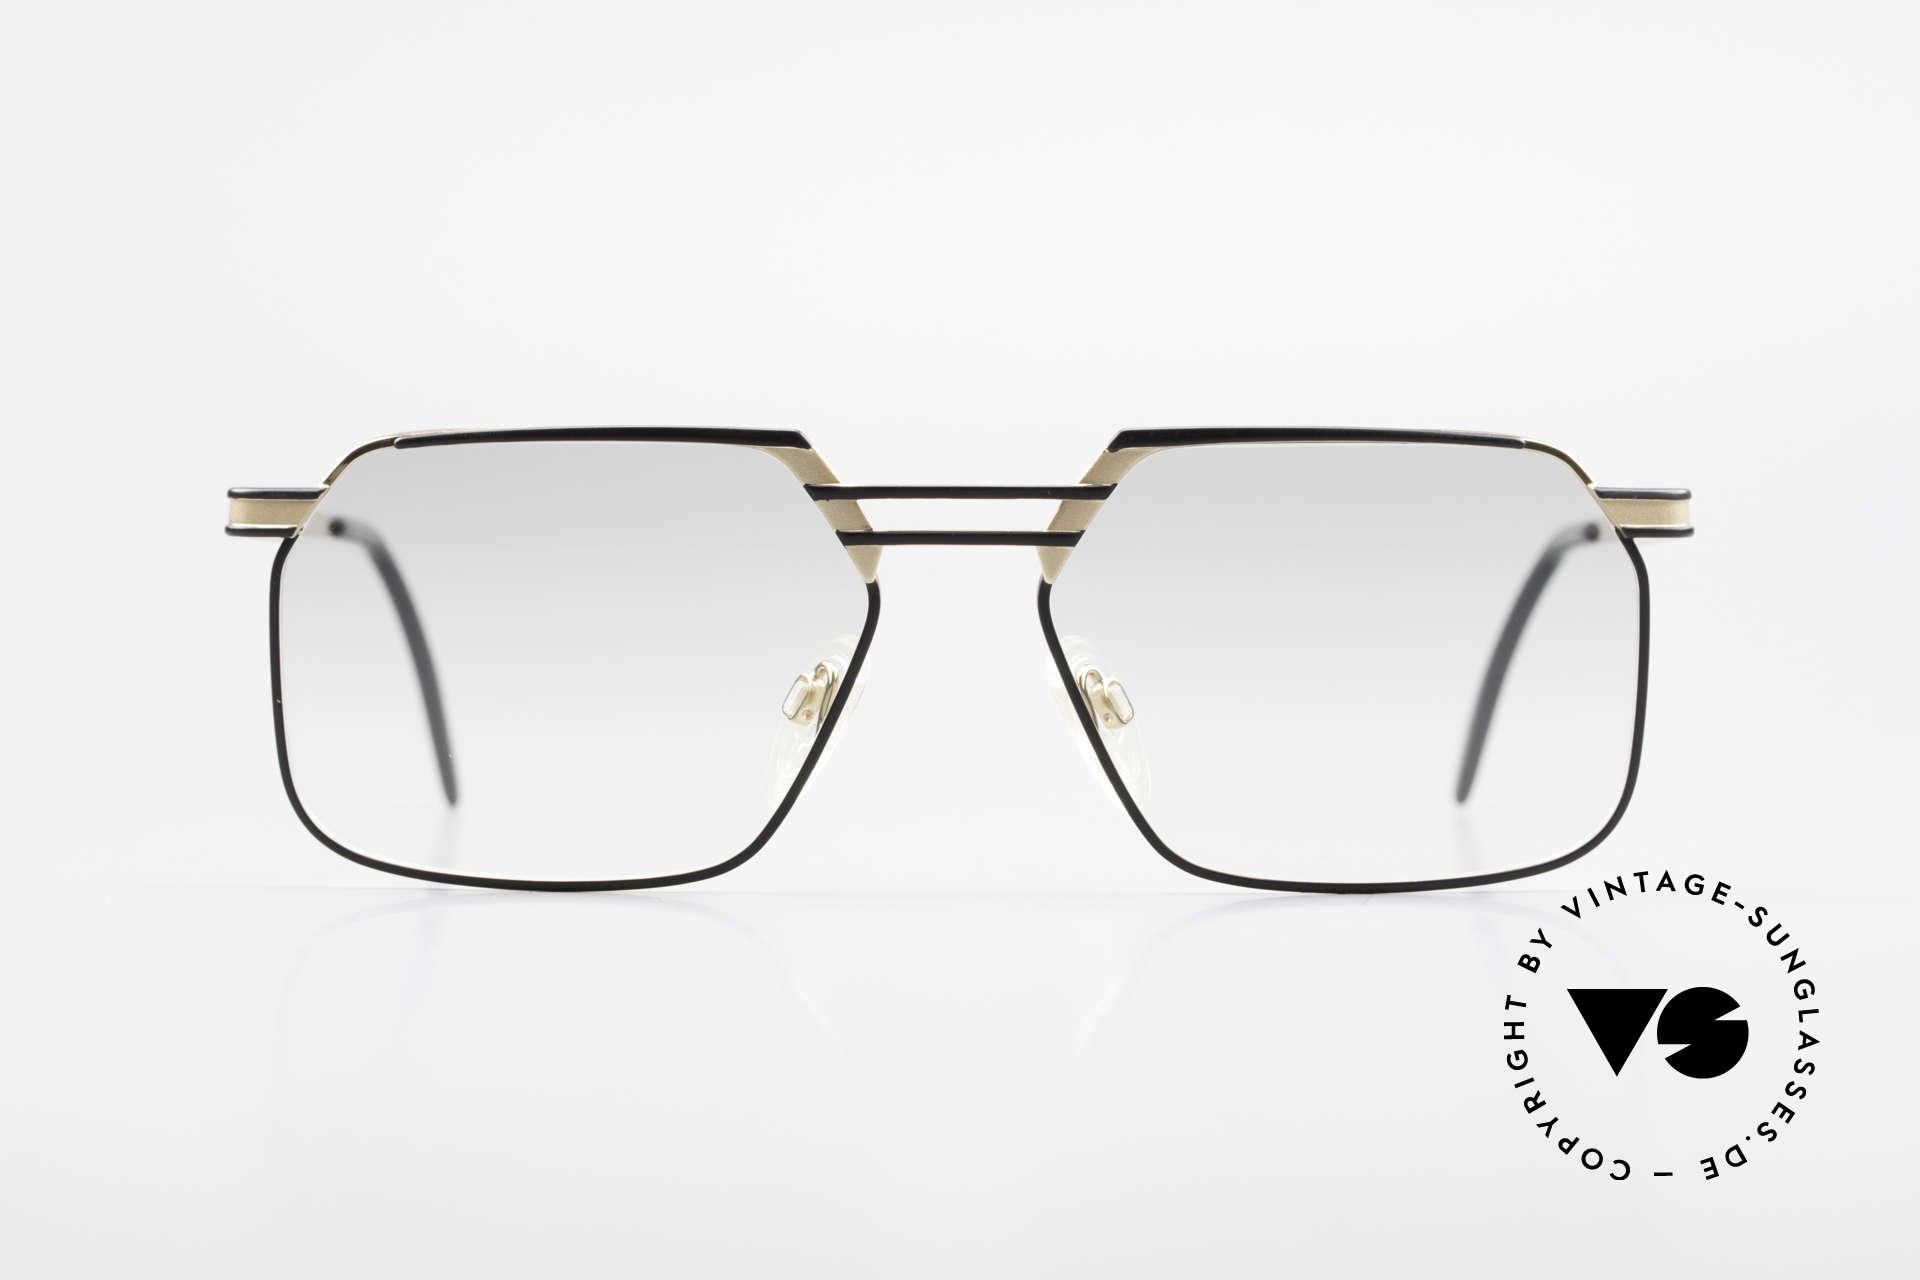 Cazal 760 Vintage 90er Qualitätsbrille, herausragende Top-Qualität; made in Germany, Passend für Herren